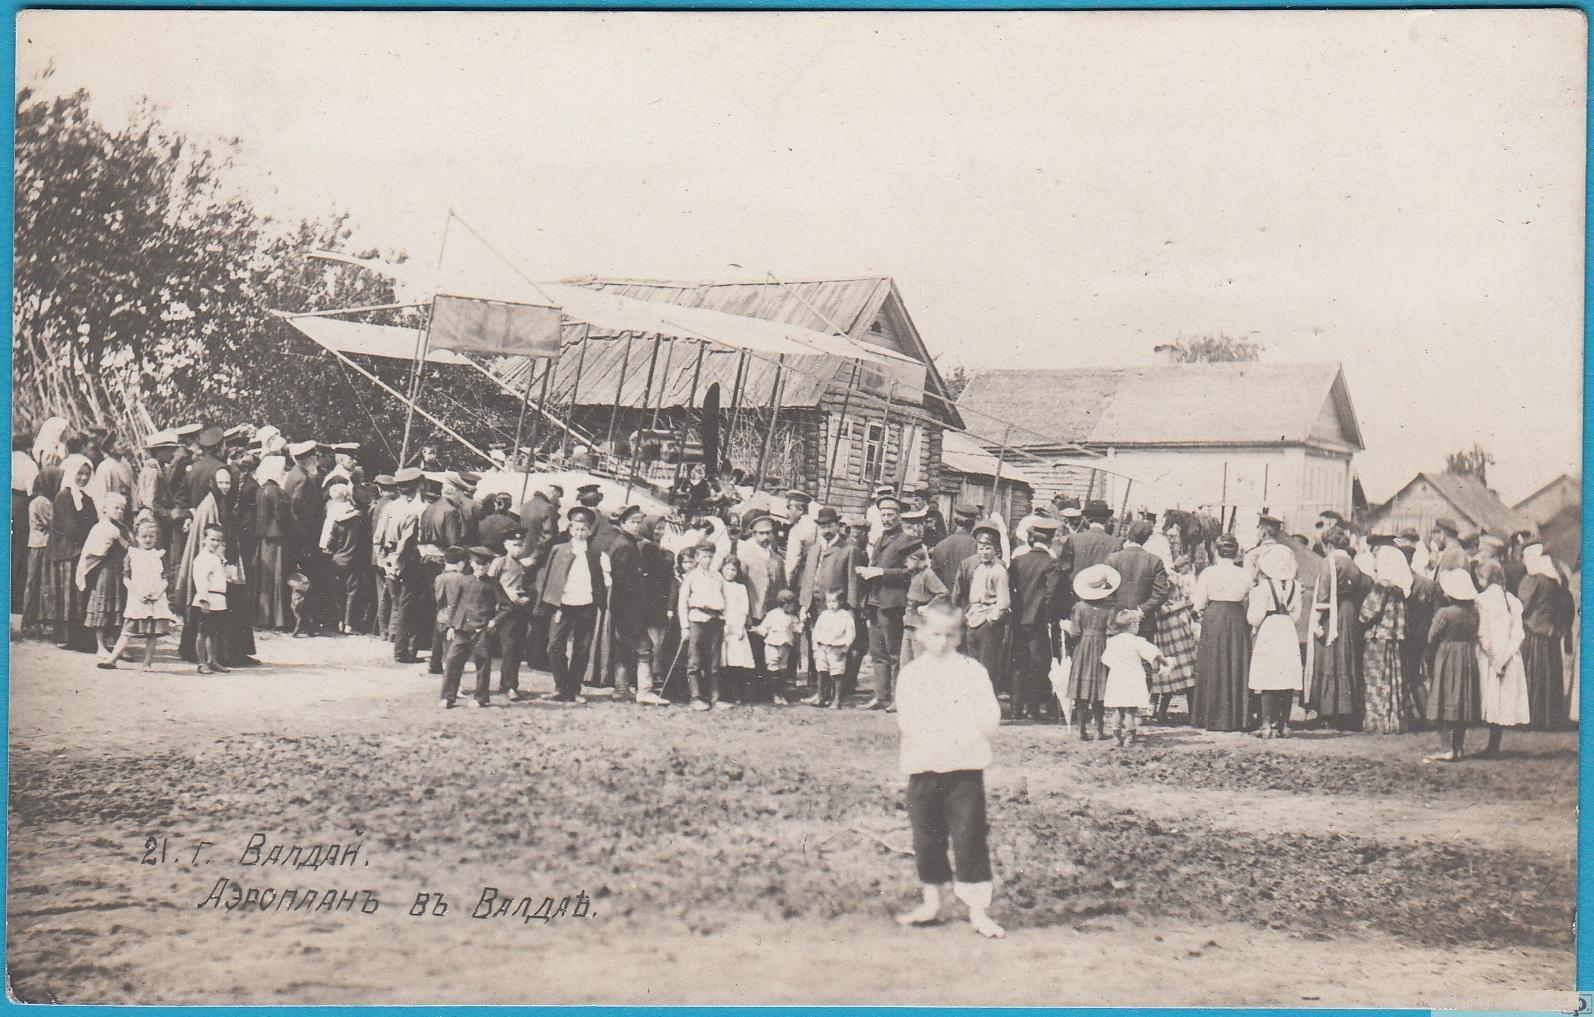 Авиаперелет Петербург - Москва. Аппарат Костина после спуска в Валдай. 1911